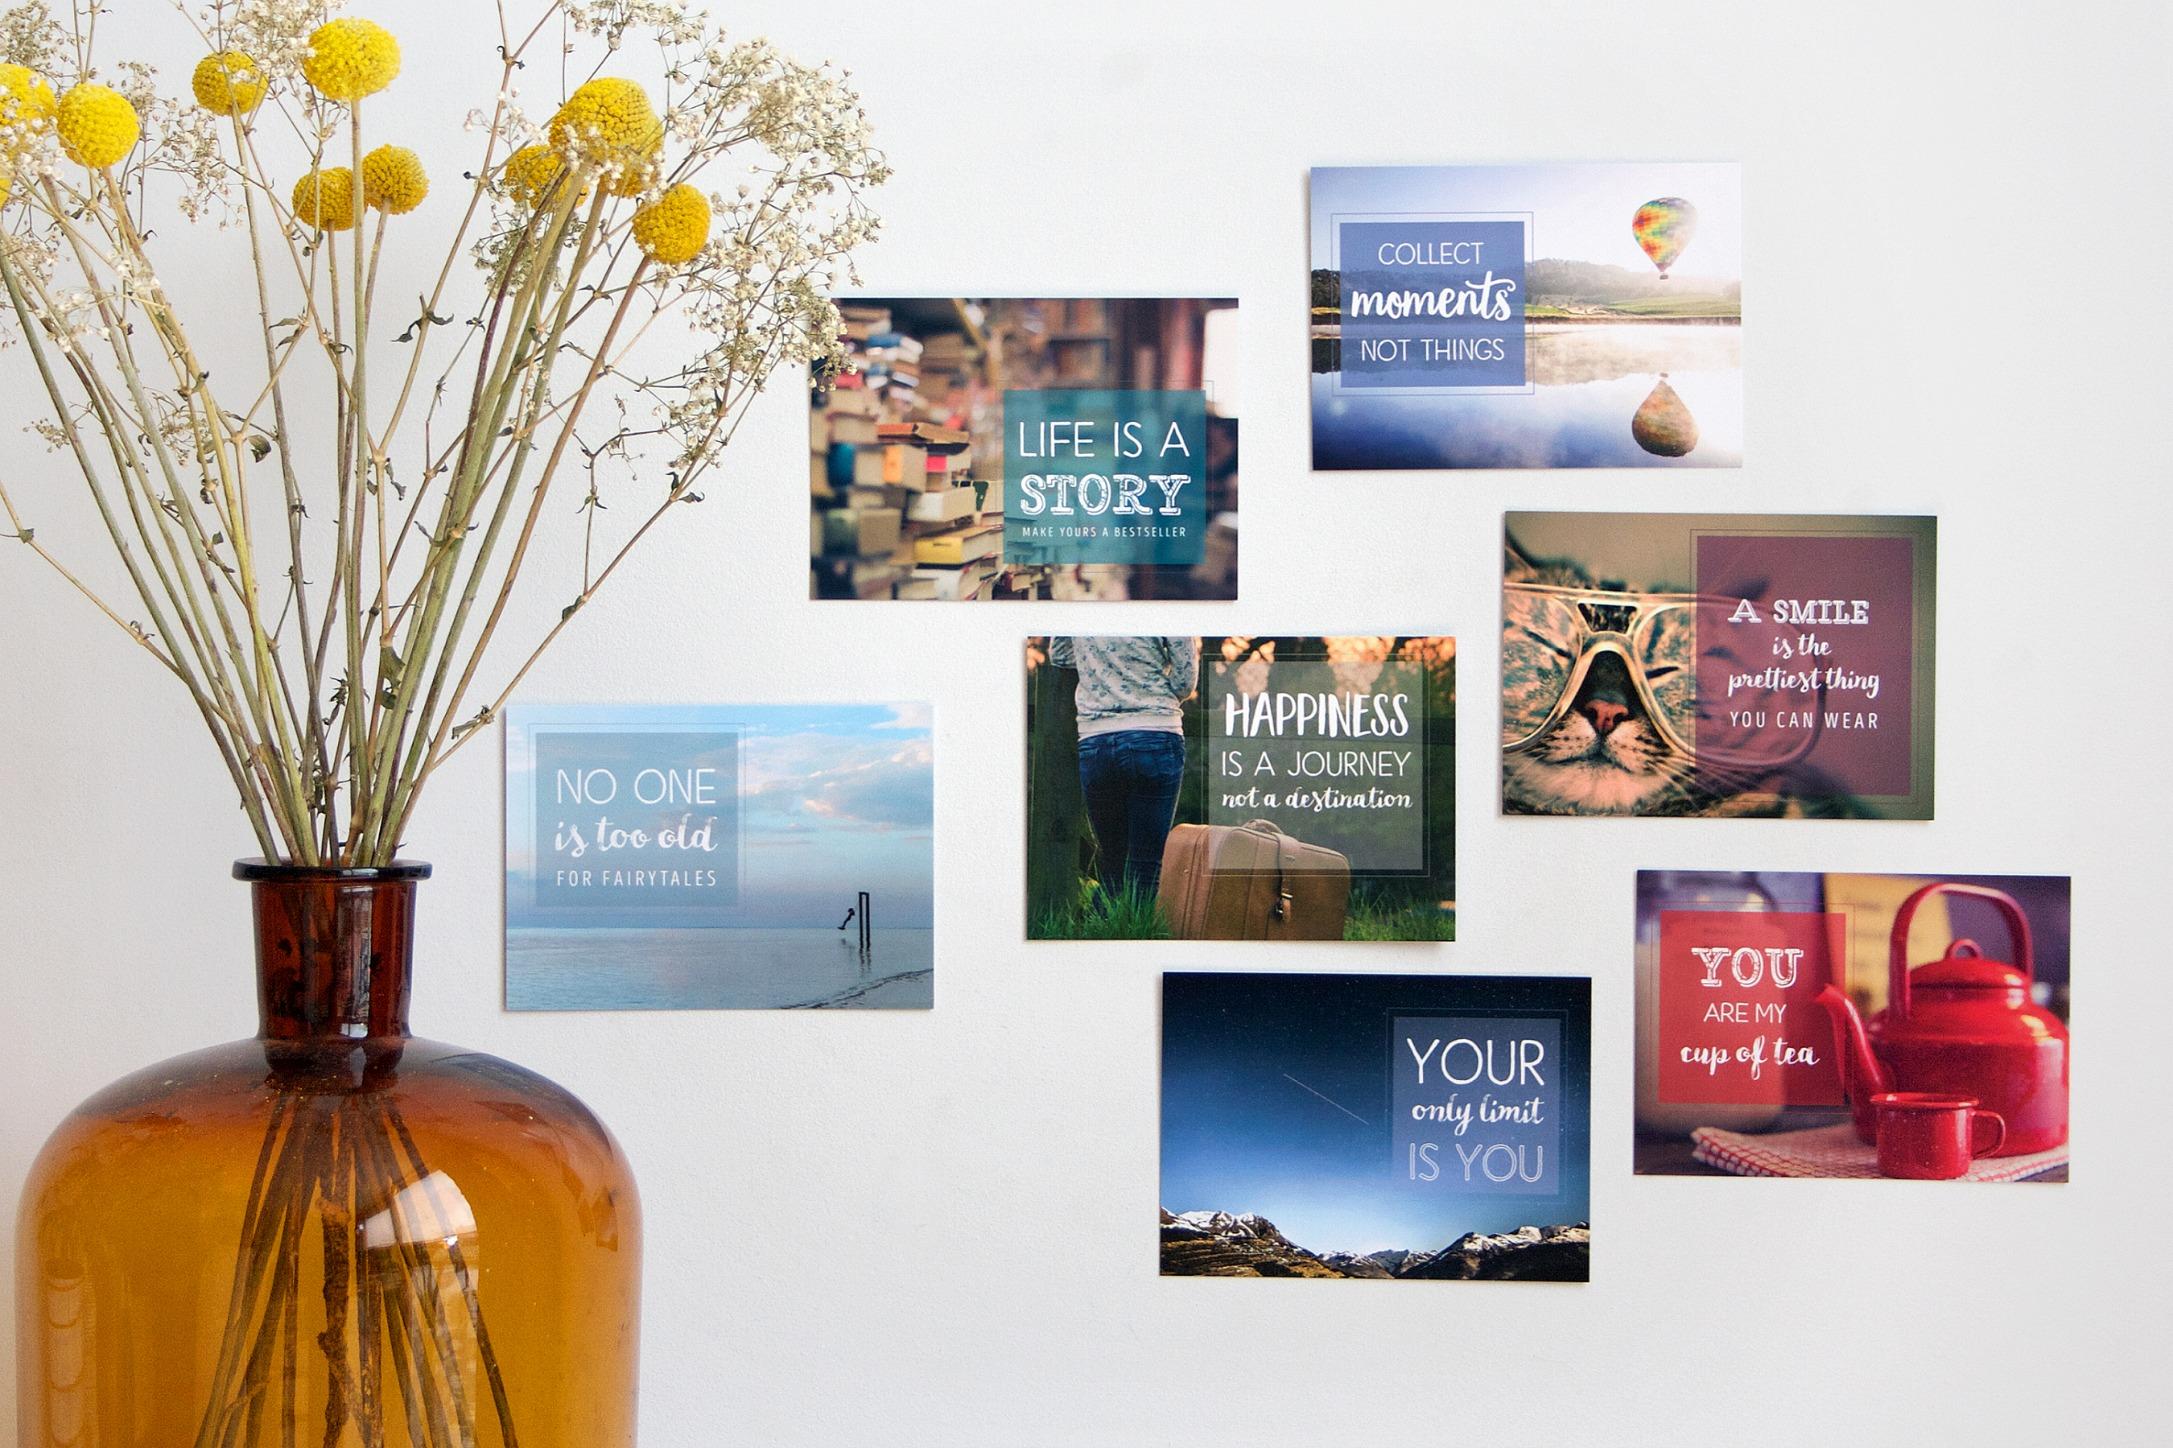 stuur-jij-nog-wel-eens-echte-kaarten_goodgirlscompany_cardcetera